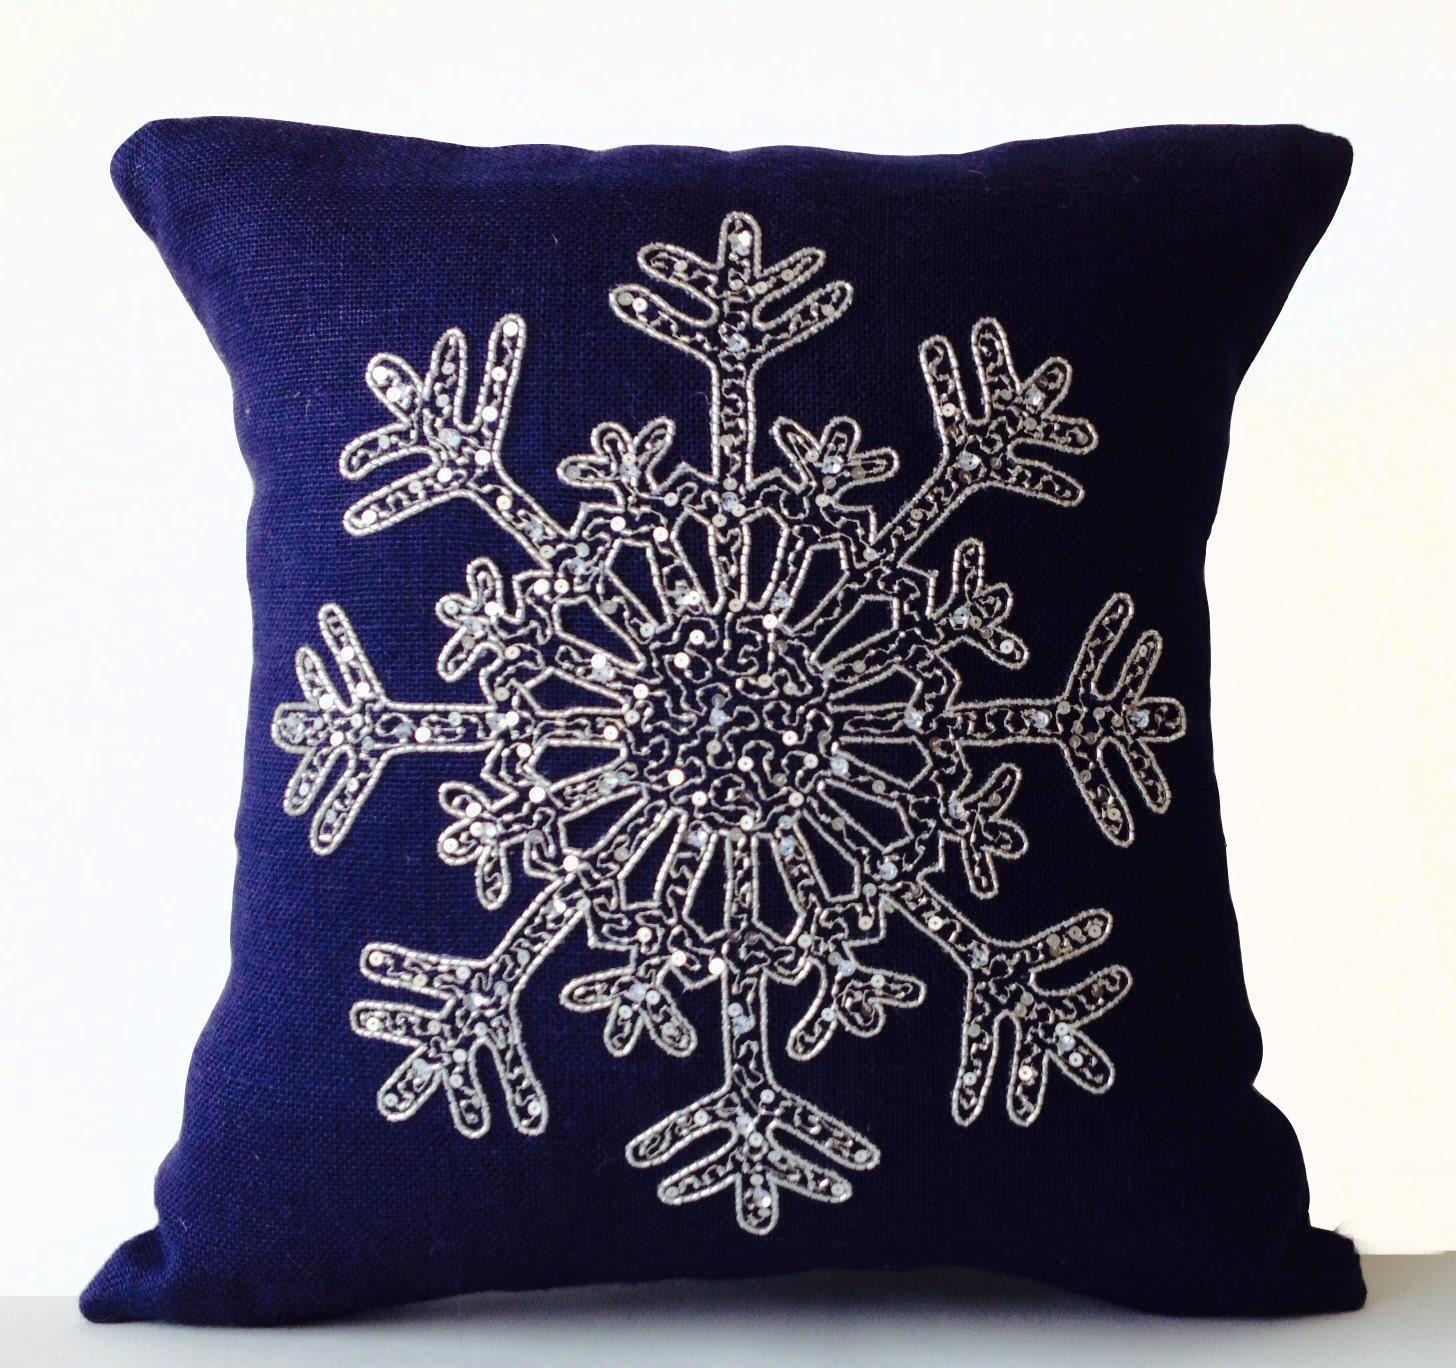 Silver Sequin Pillow Snowflake Navy Blue Pillows Cover